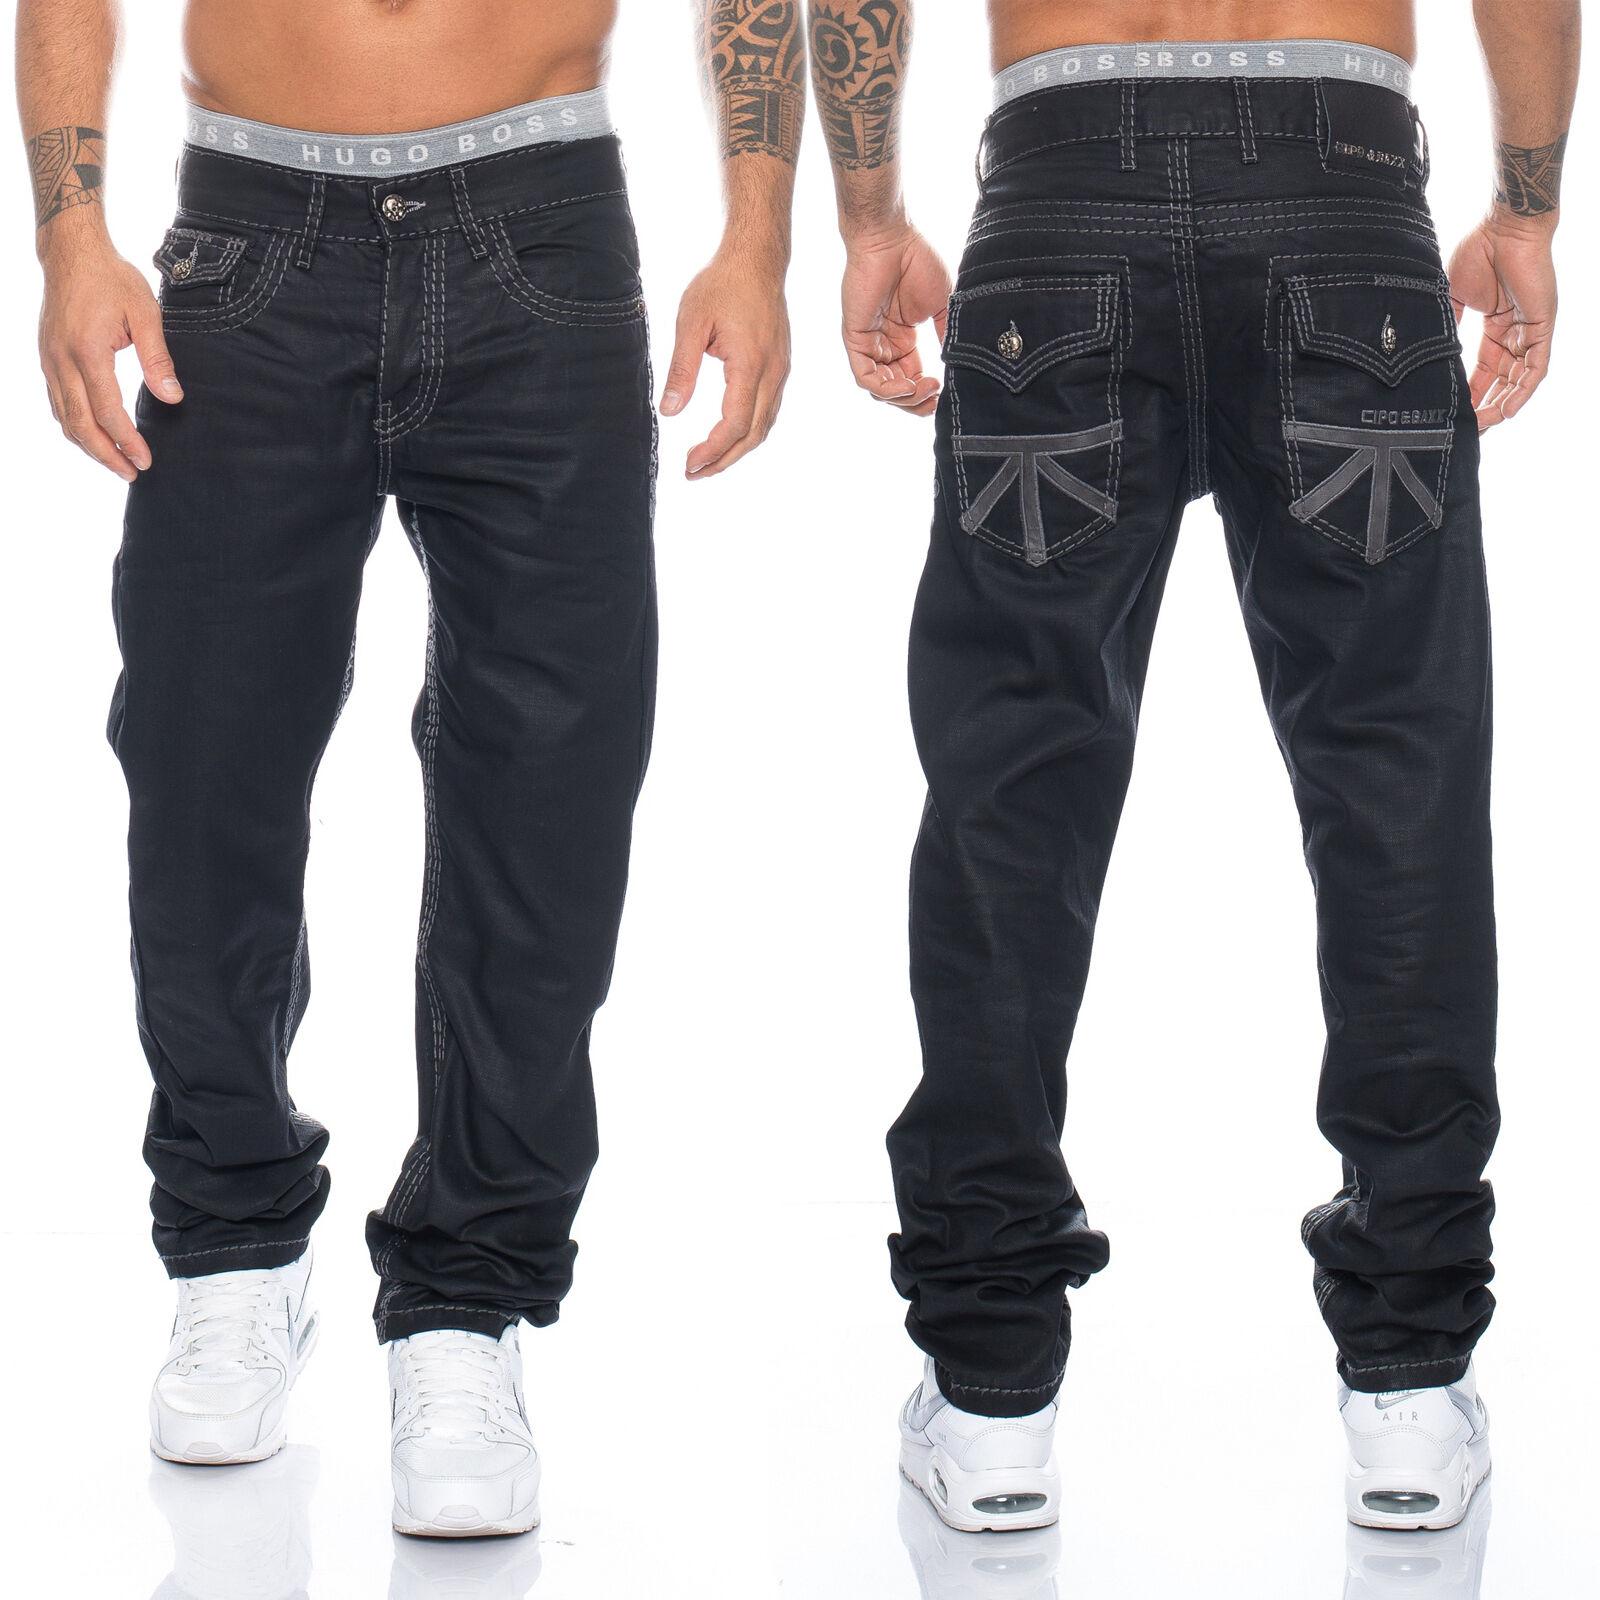 Cipo & Baxx Uomo Cucitura Jeans Pantaloni 295 Nero Nuovo 28 29 30 31 32 33 34 36 38 40